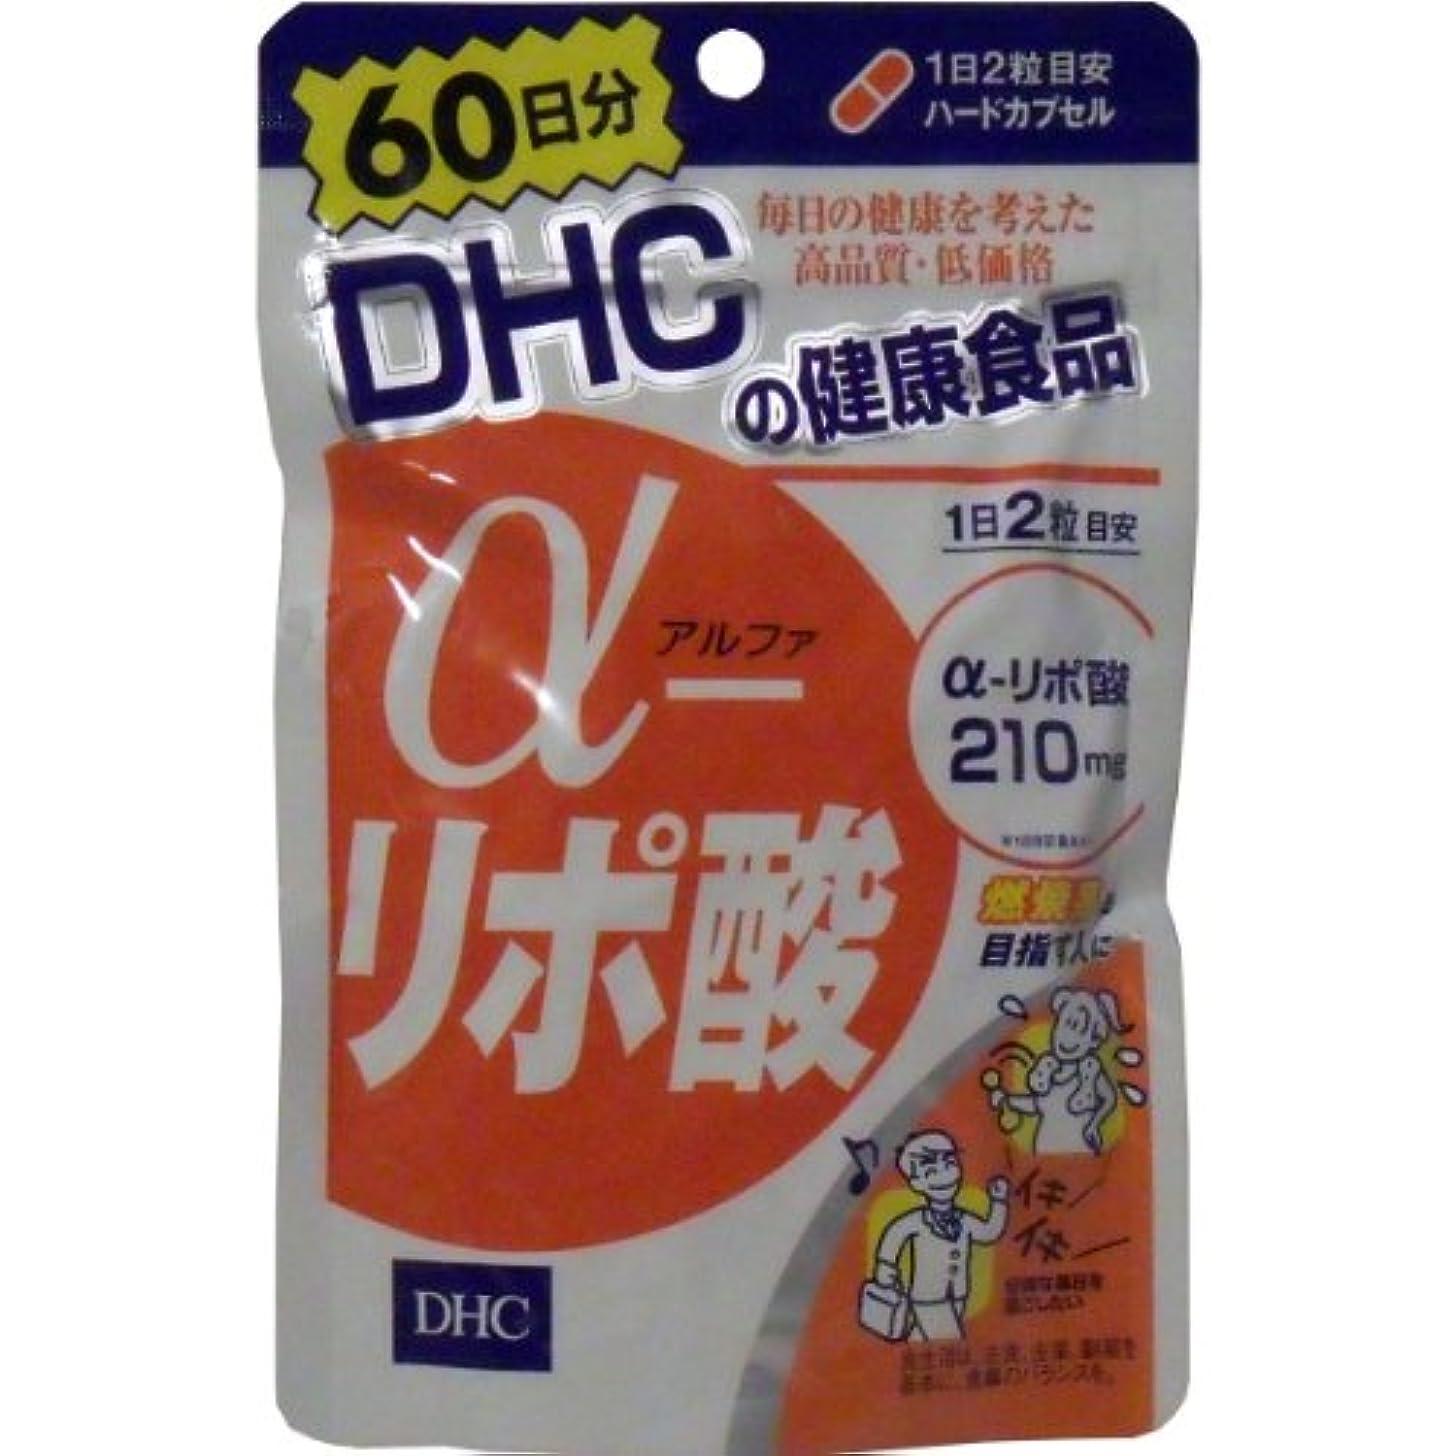 邪魔媒染剤労苦α-リポ酸は、もともと体内にあるエネルギー活性成分。サプリメントでの効率的な補給がおすすめ!DHC120粒 60日分 【5個セット】